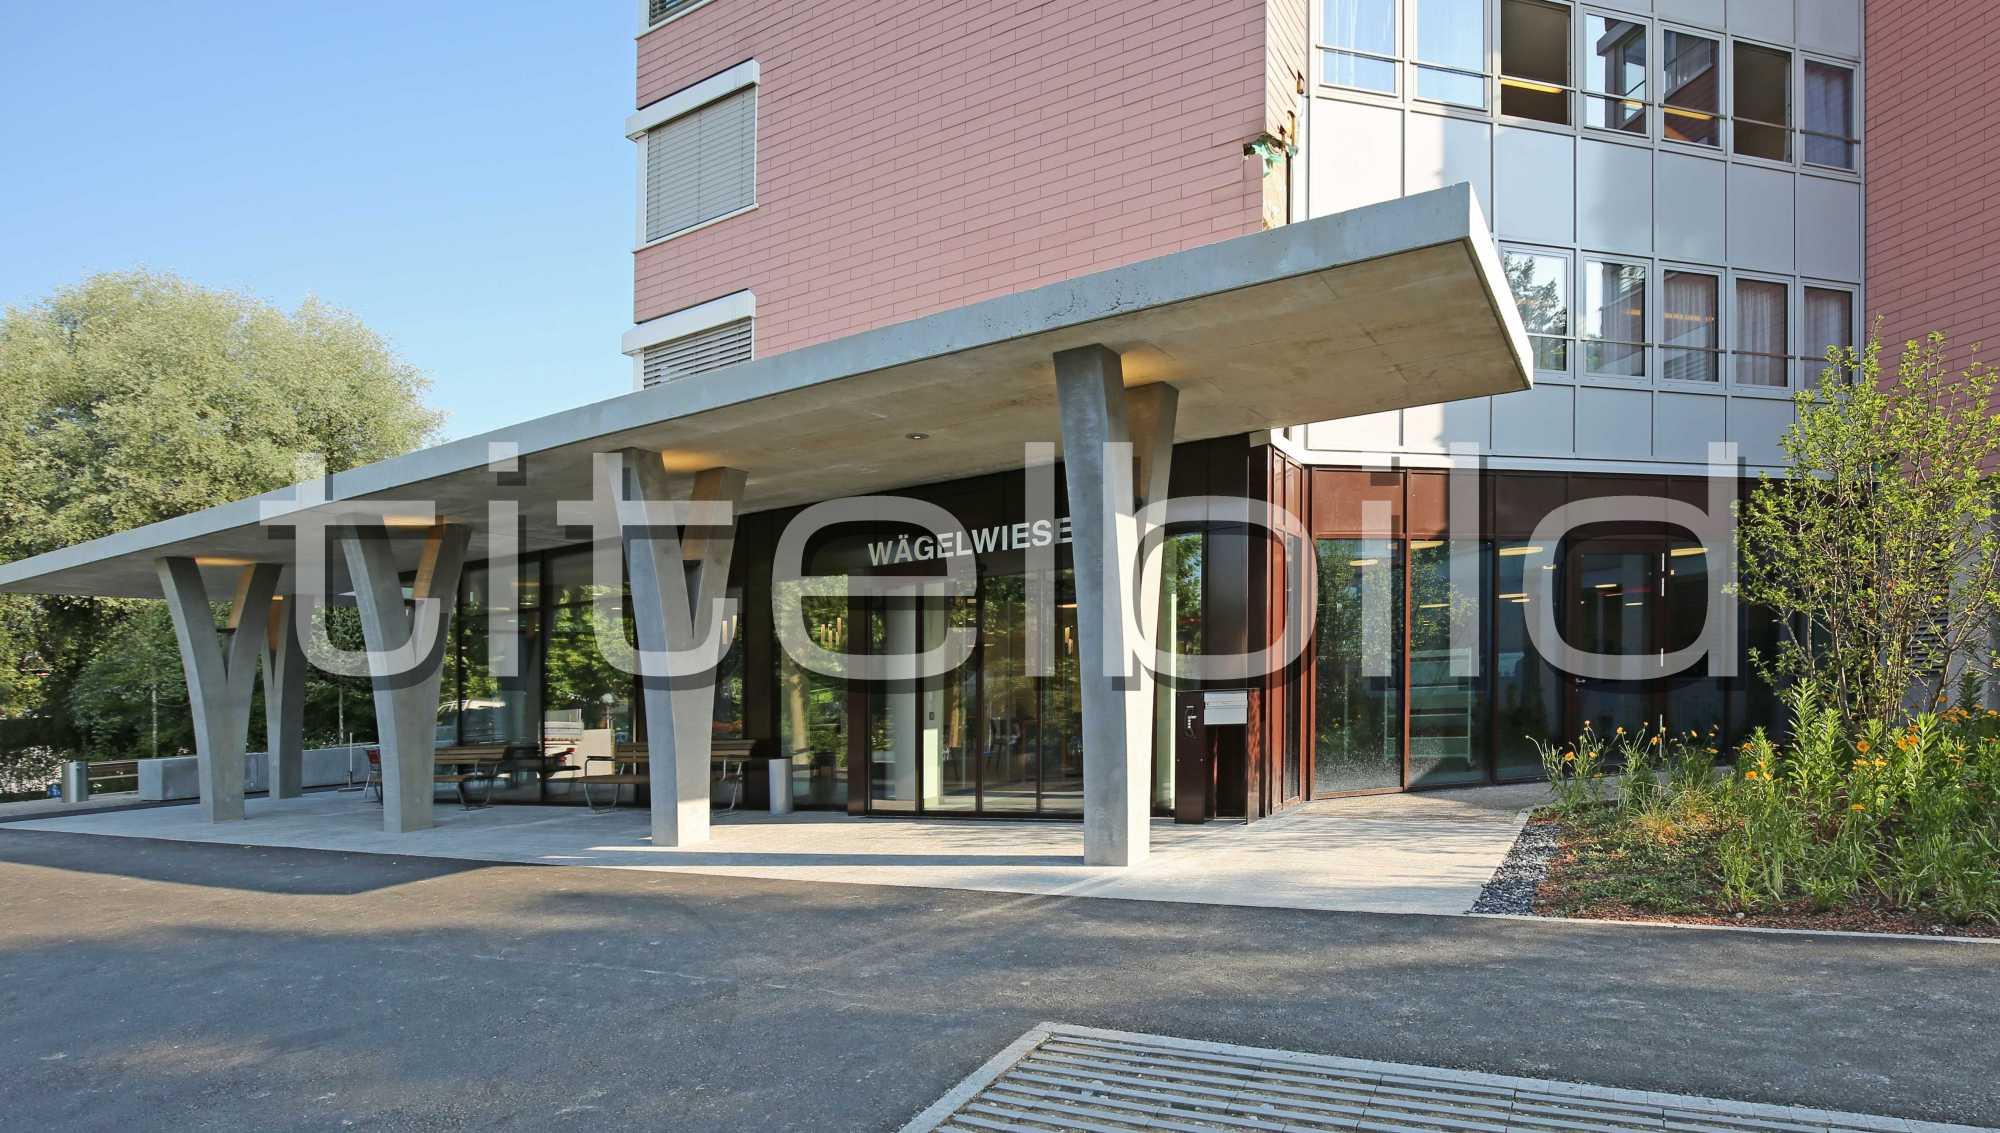 Projektbild-Nr. 4: Wägelwiesen Alters- und Pflegezentrum